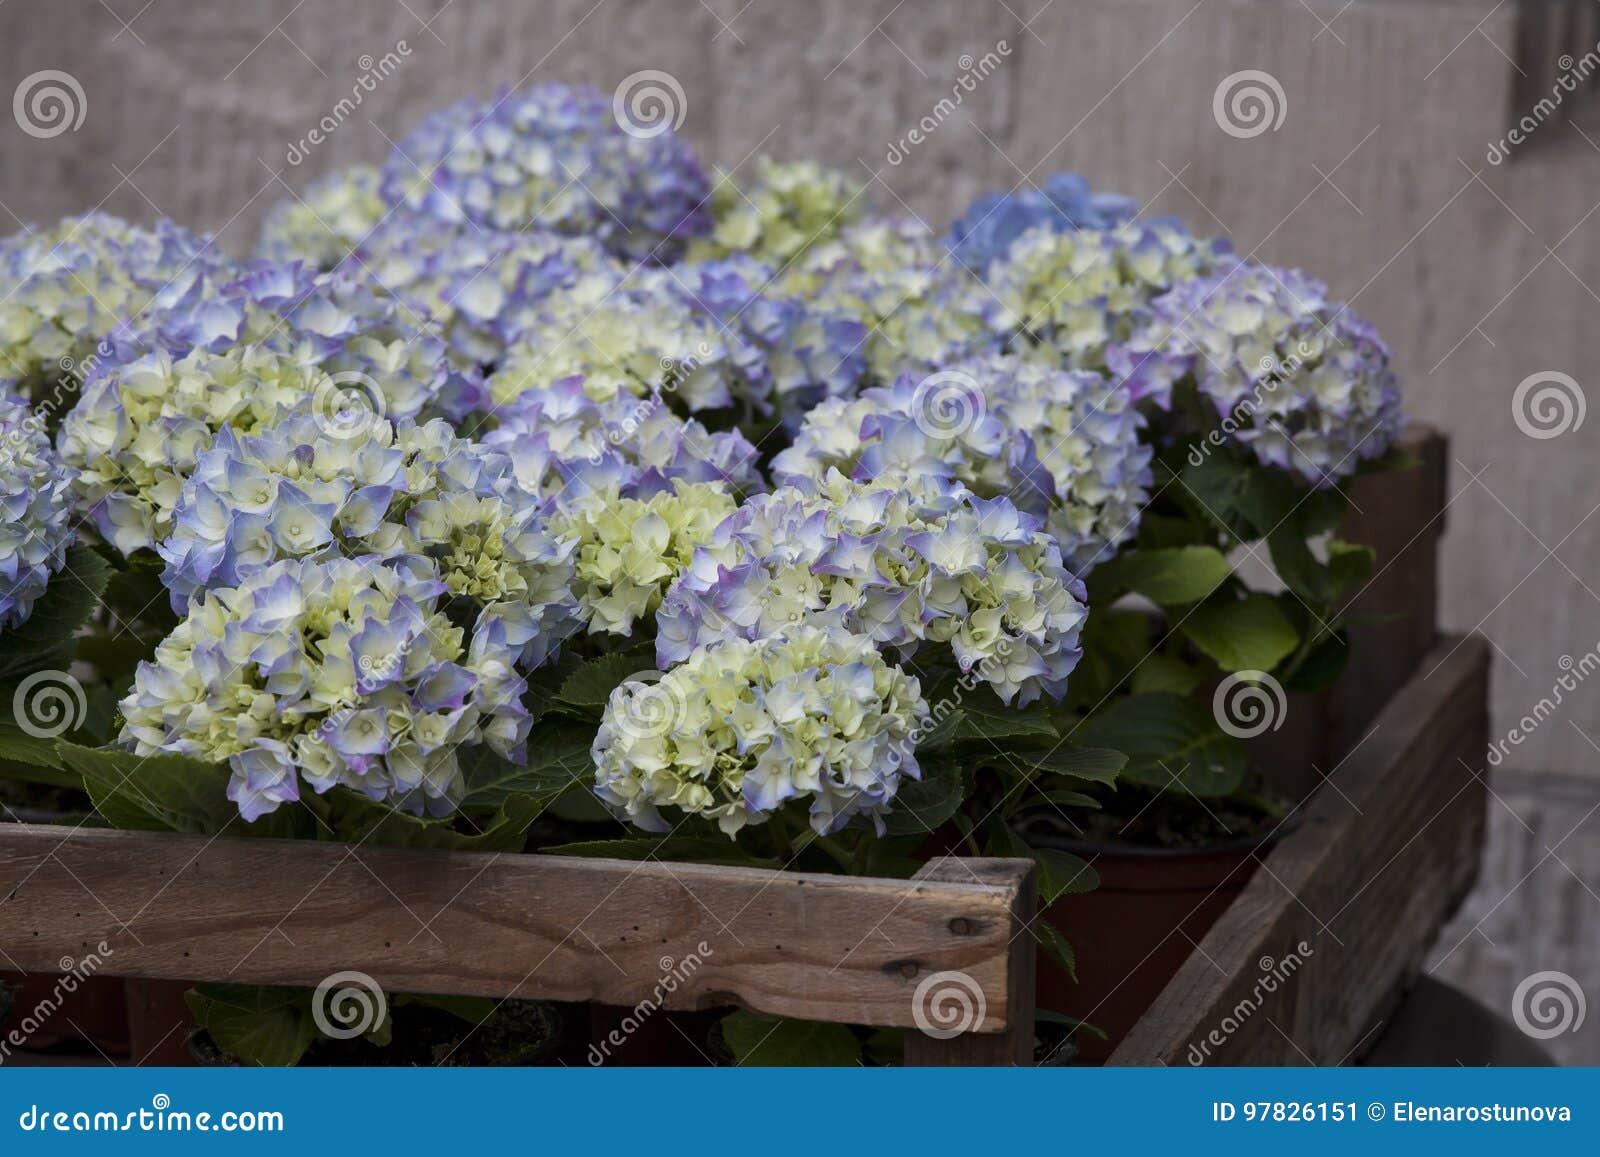 Die blaue hortensie in einer holzkiste als gartenverzierung gegen eine graue steinwand stockbild - Graue steinwand ...